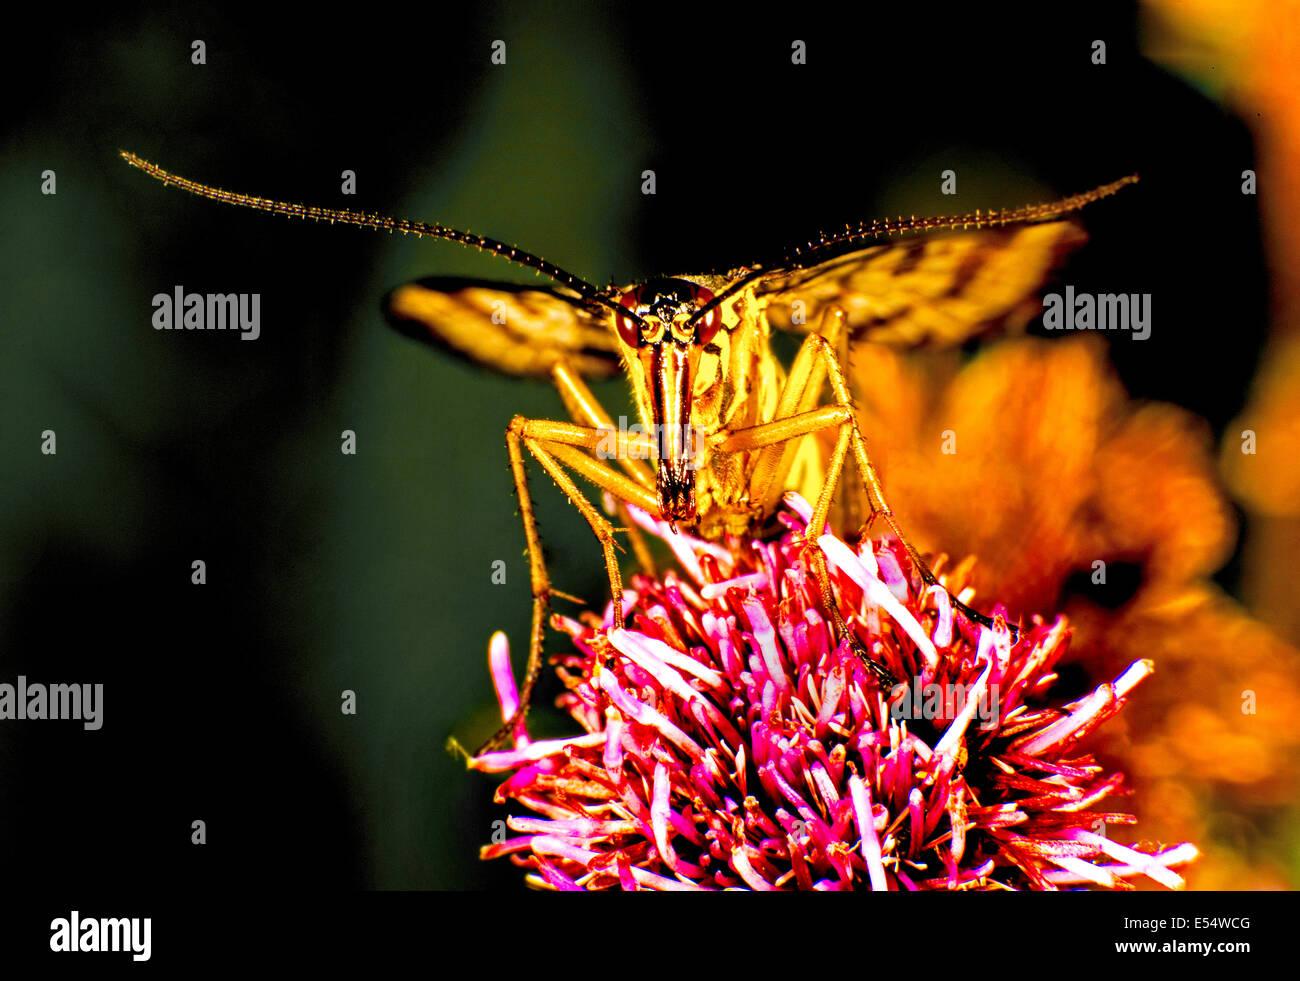 Grasshopper on a flower - Stock Image